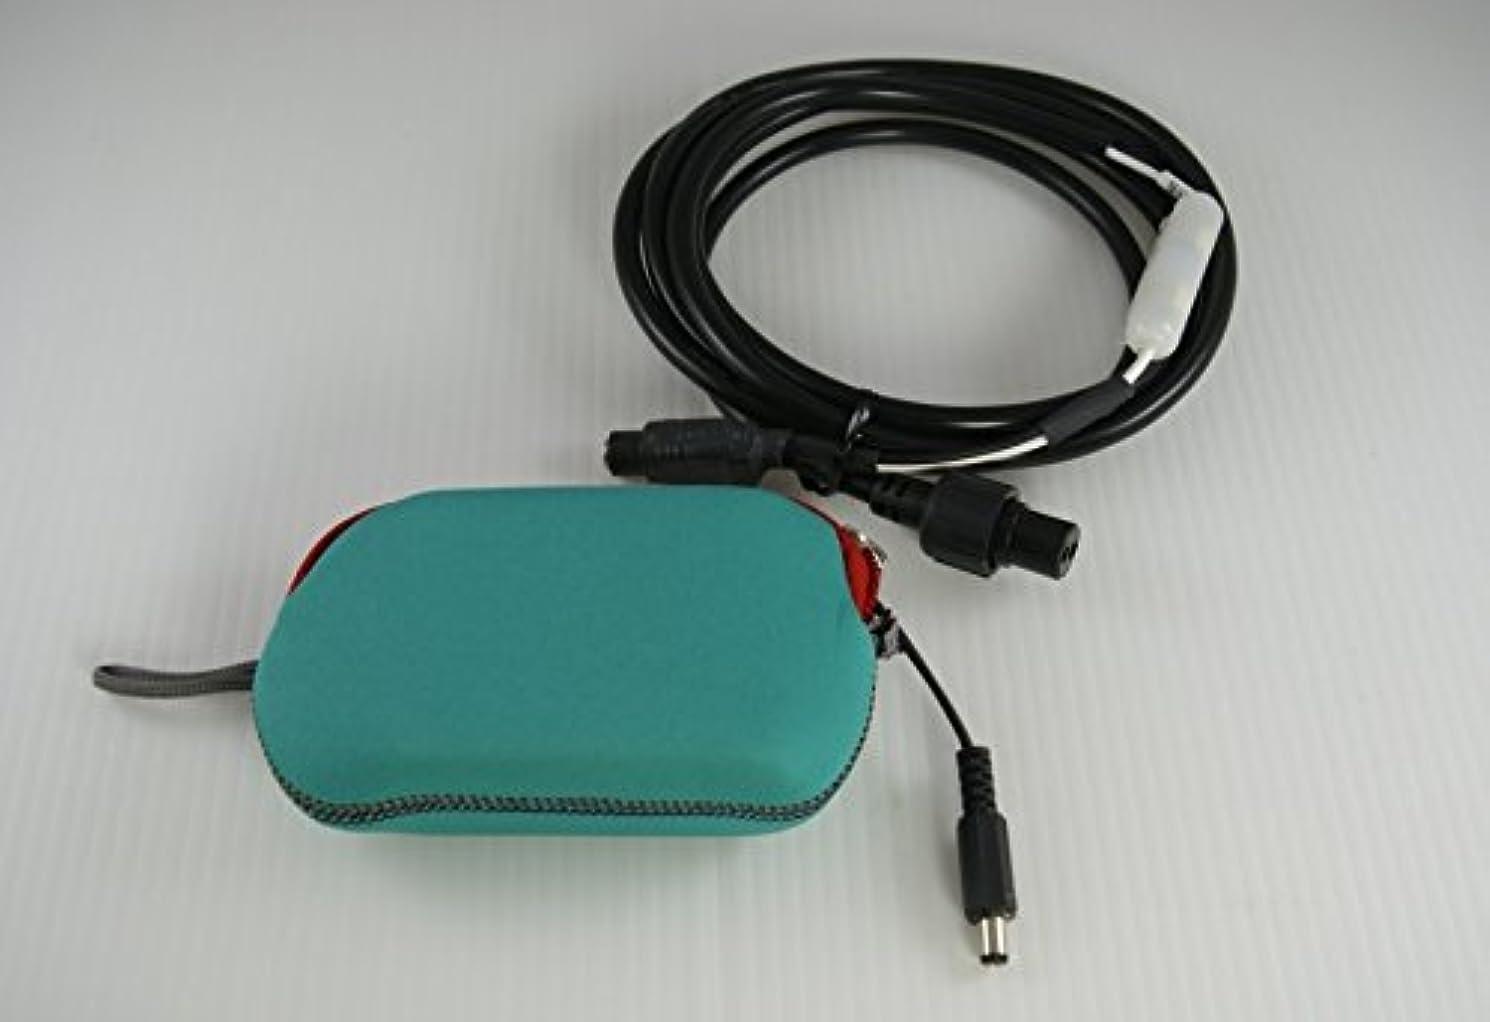 侵入するバーガー付添人HONDEX 魚探 PSシリーズ 電源コードDC06 エネループ用 電池ボックス セット(ブルーグリーン)